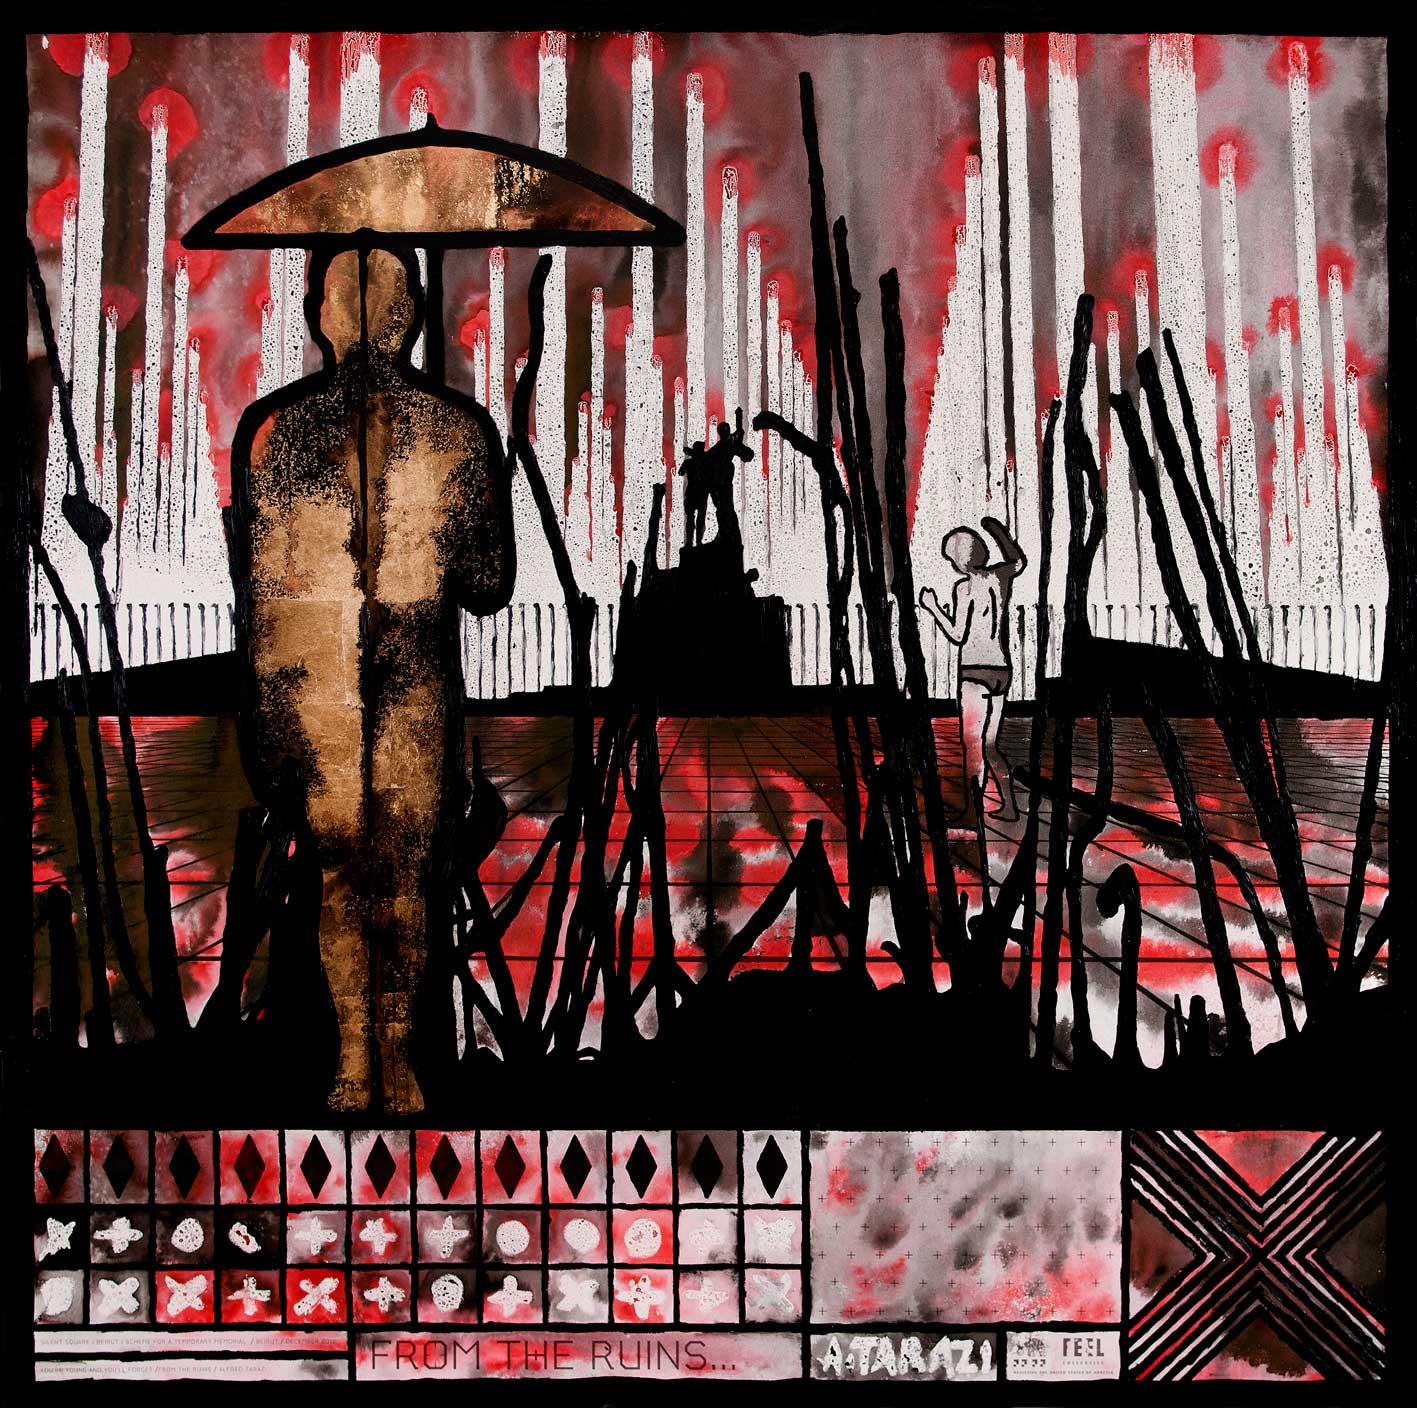 alfred_tarazi_the_oath_from_the_ruins_2012.jpg